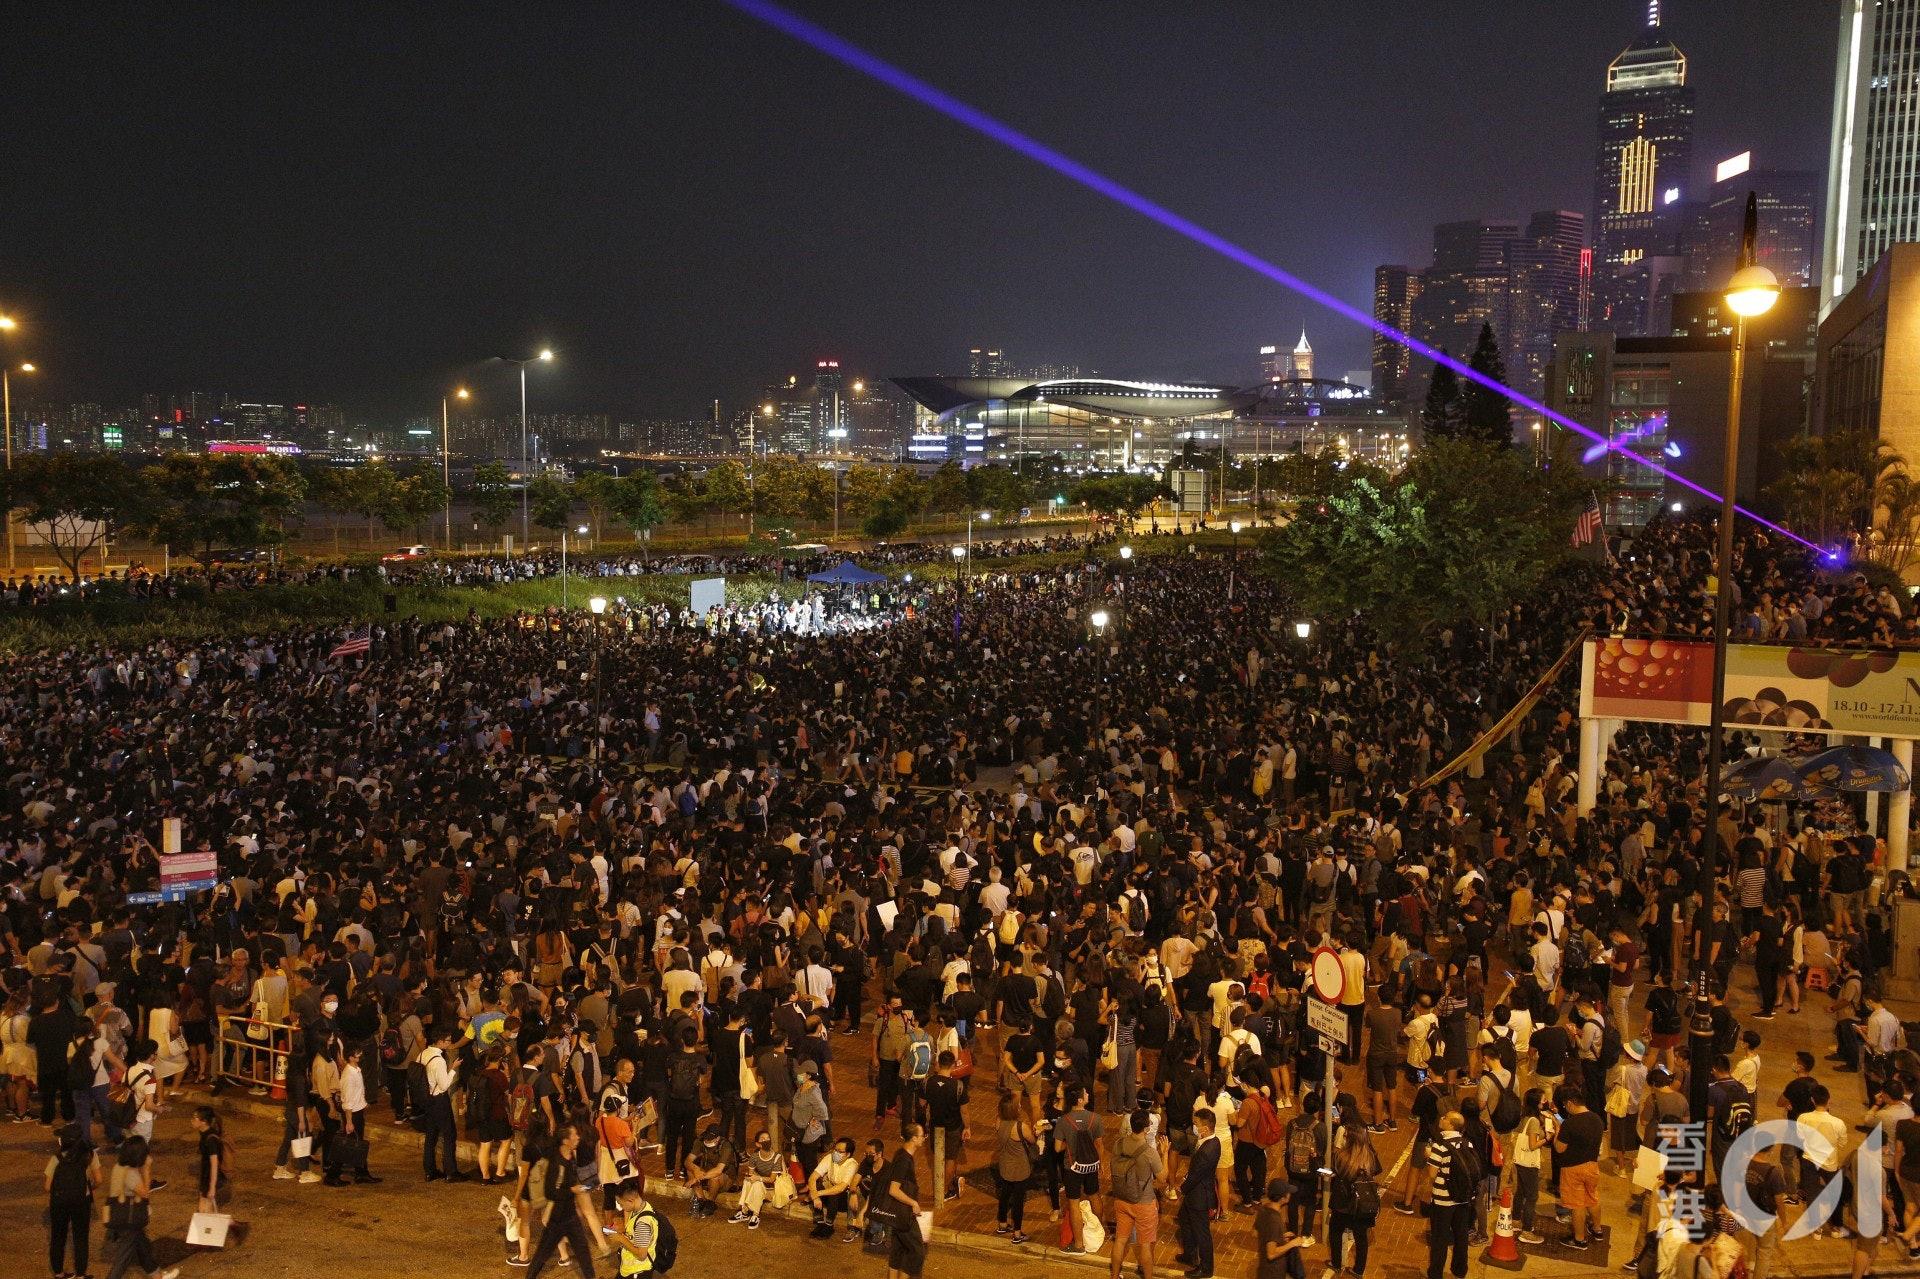 數千人出席集會。(張浩維攝)